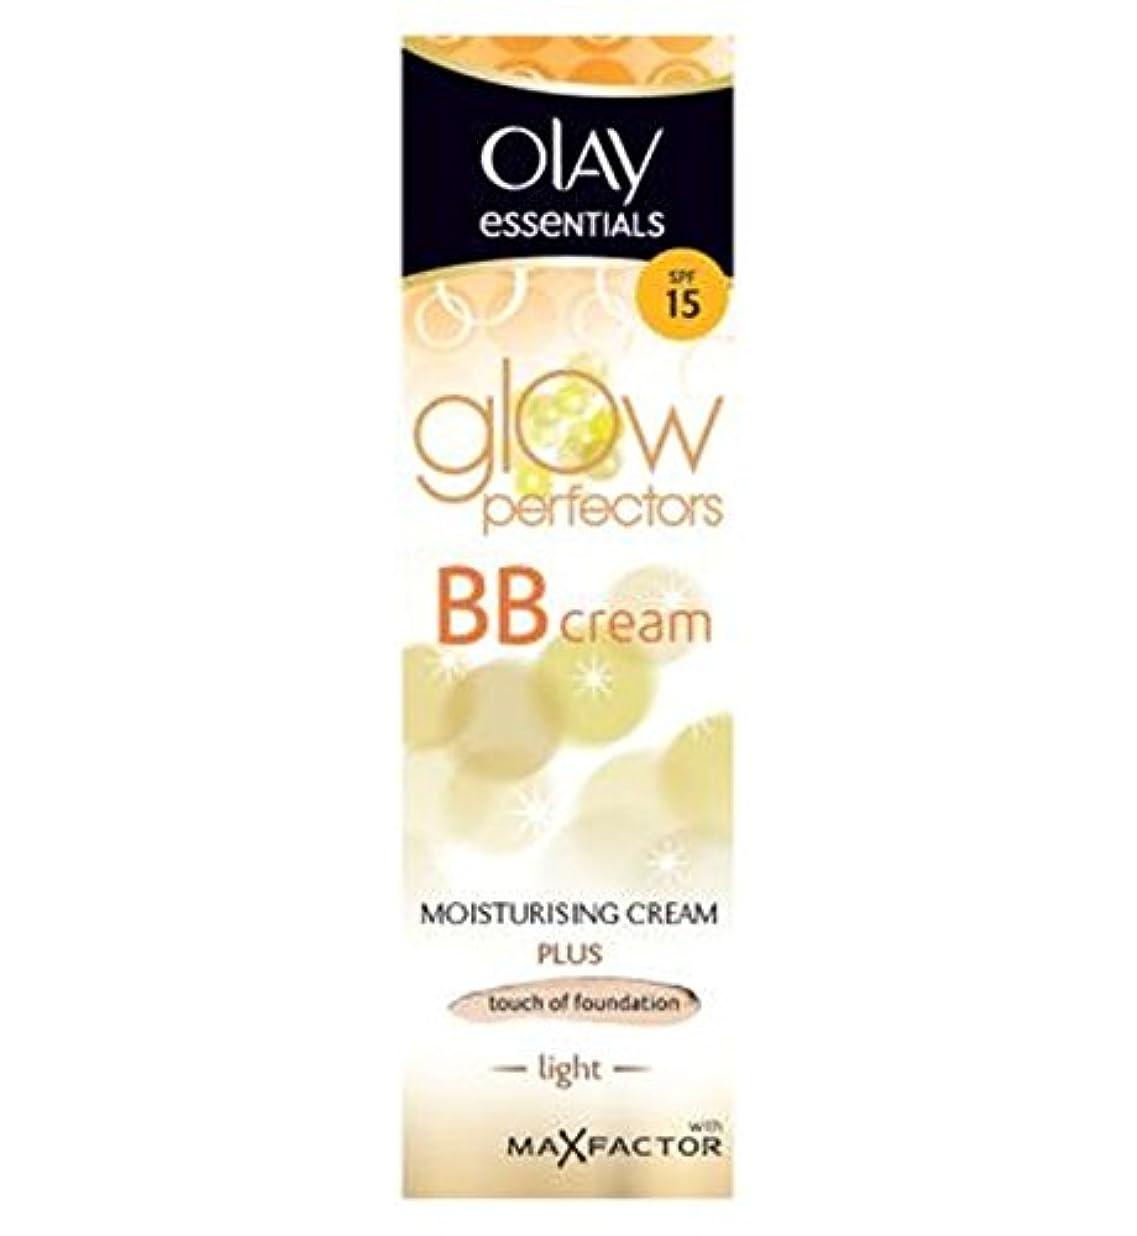 必要評論家全国着色保湿50ミリリットルを完成オーレイ完全なBbクリームSpf15スキン - フェア (Olay) (x2) - Olay Complete BB Cream SPF15 Skin Perfecting Tinted Moisturiser 50ml - Fair (Pack of 2) [並行輸入品]